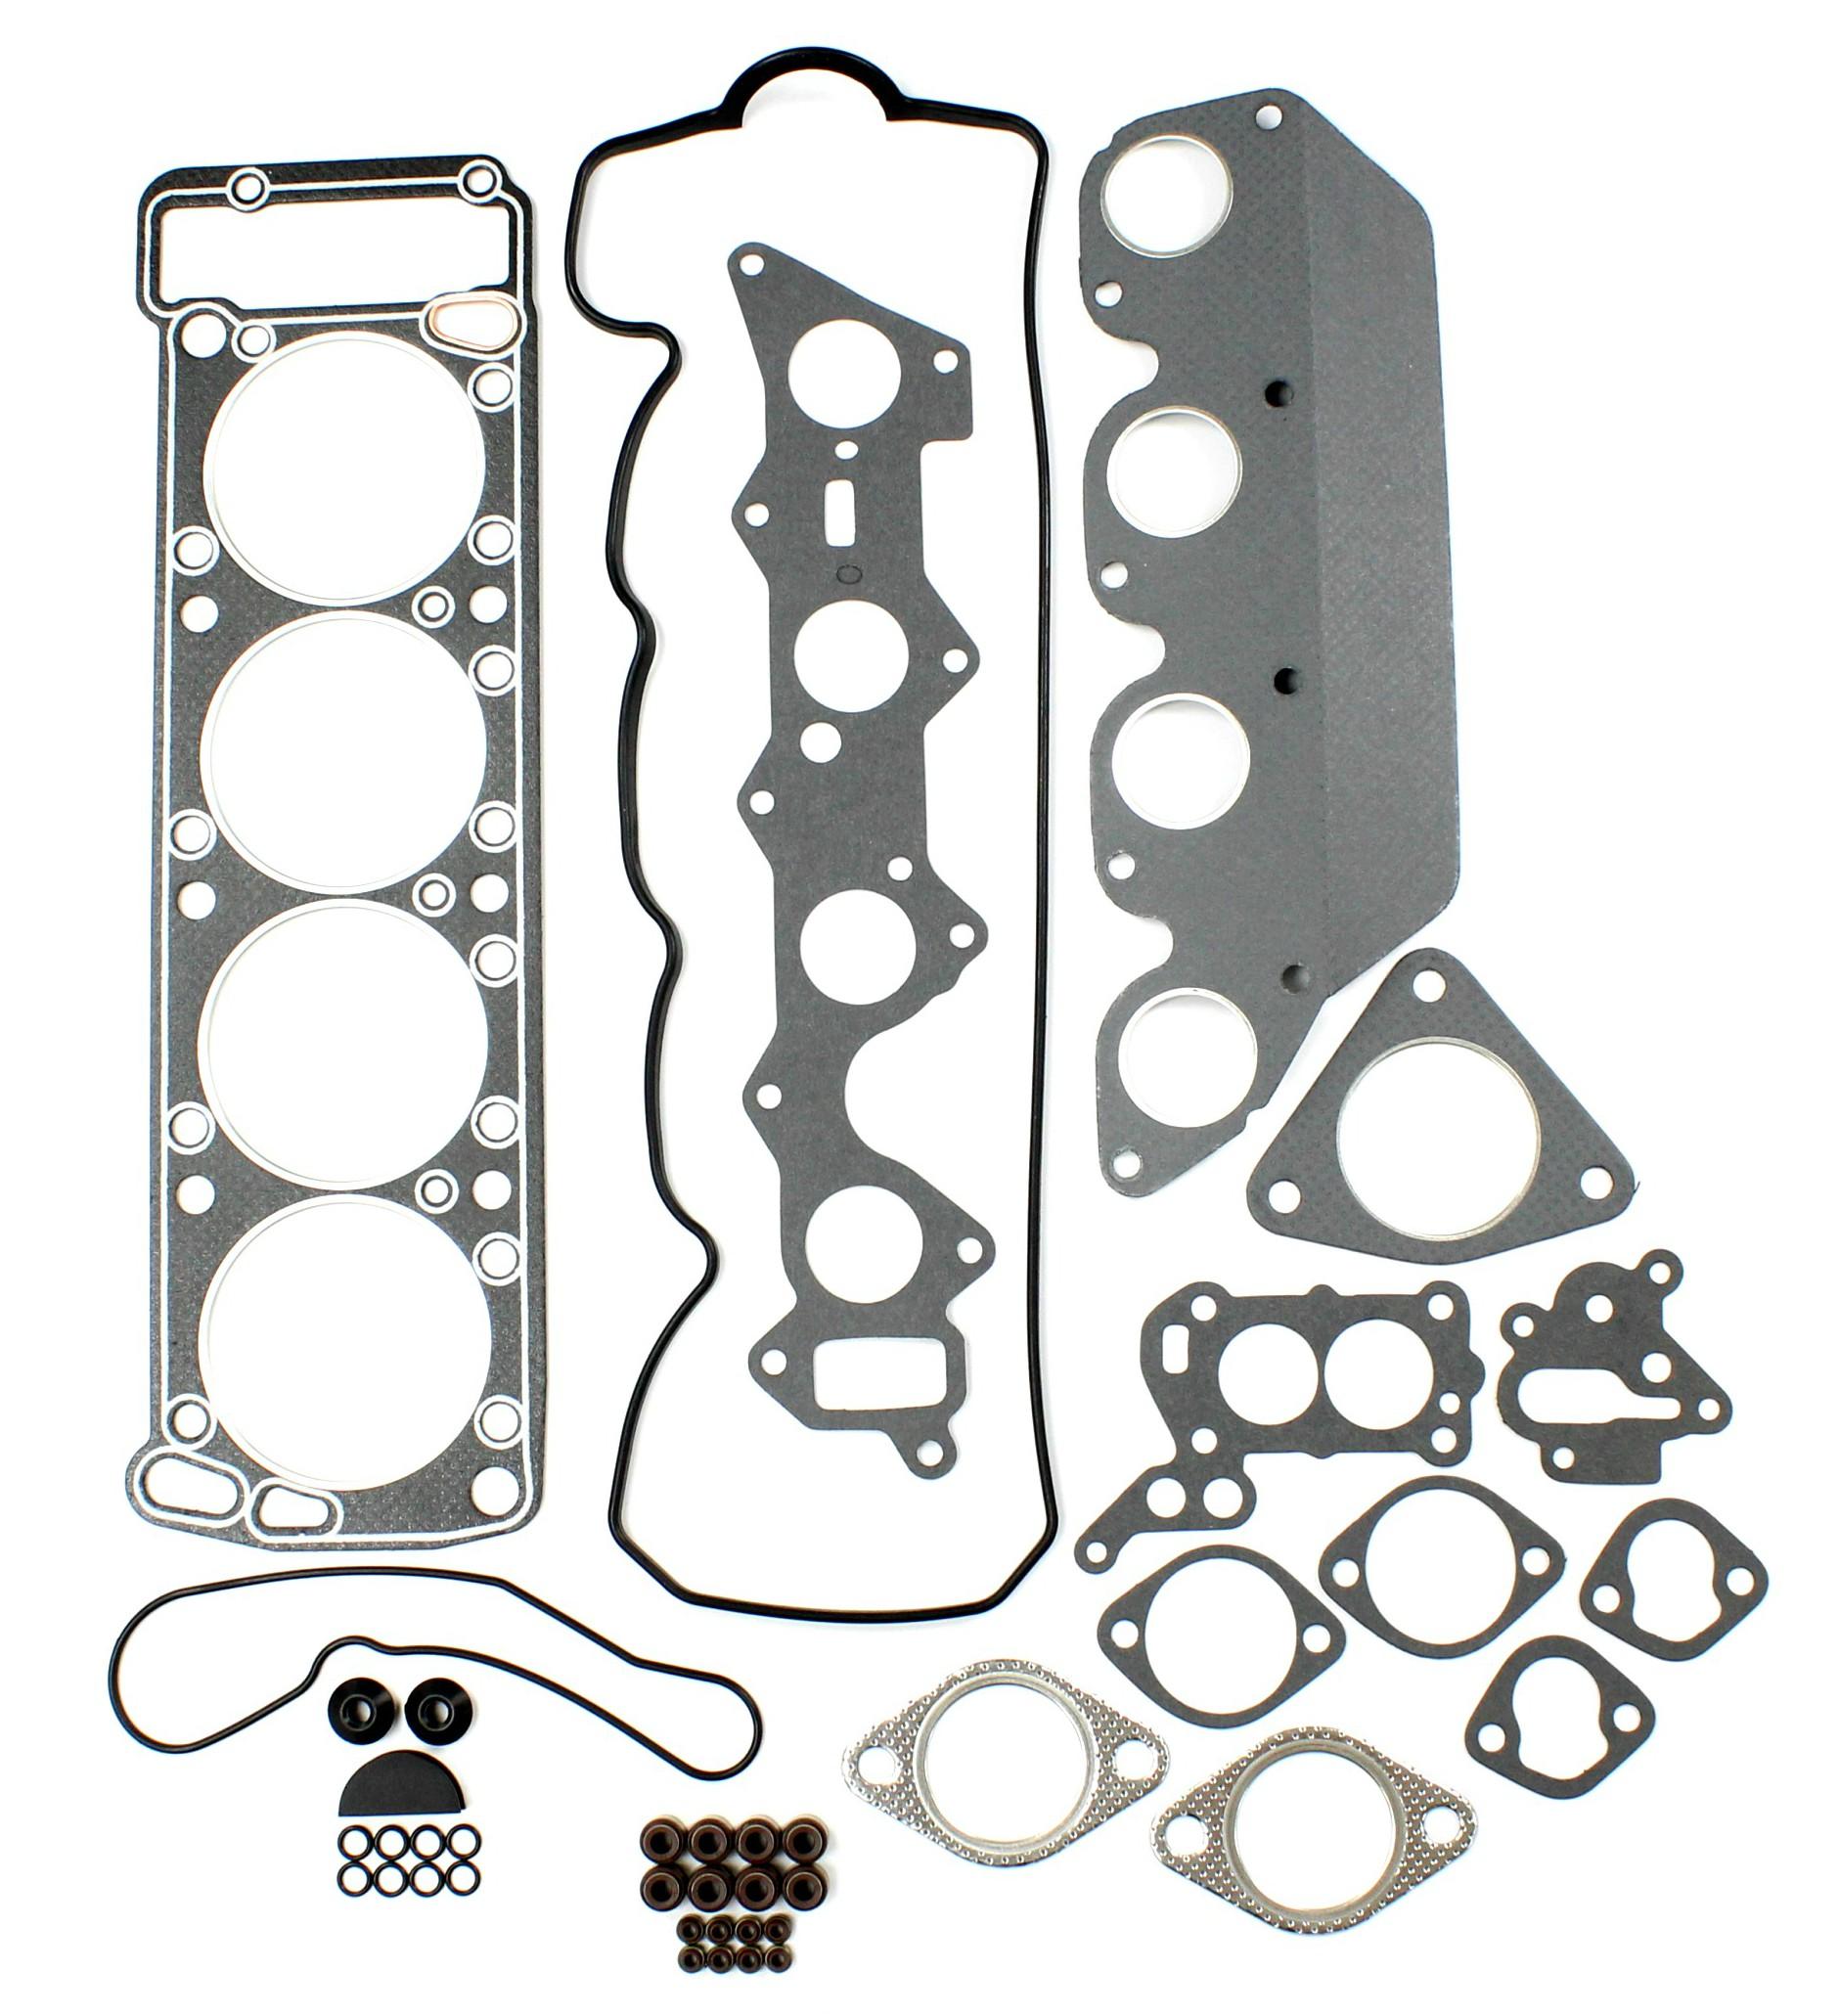 dnj engine ponents replacement auto parts walmart 2013 Audi A5 dnj engine ponents hgs103 head gasket set